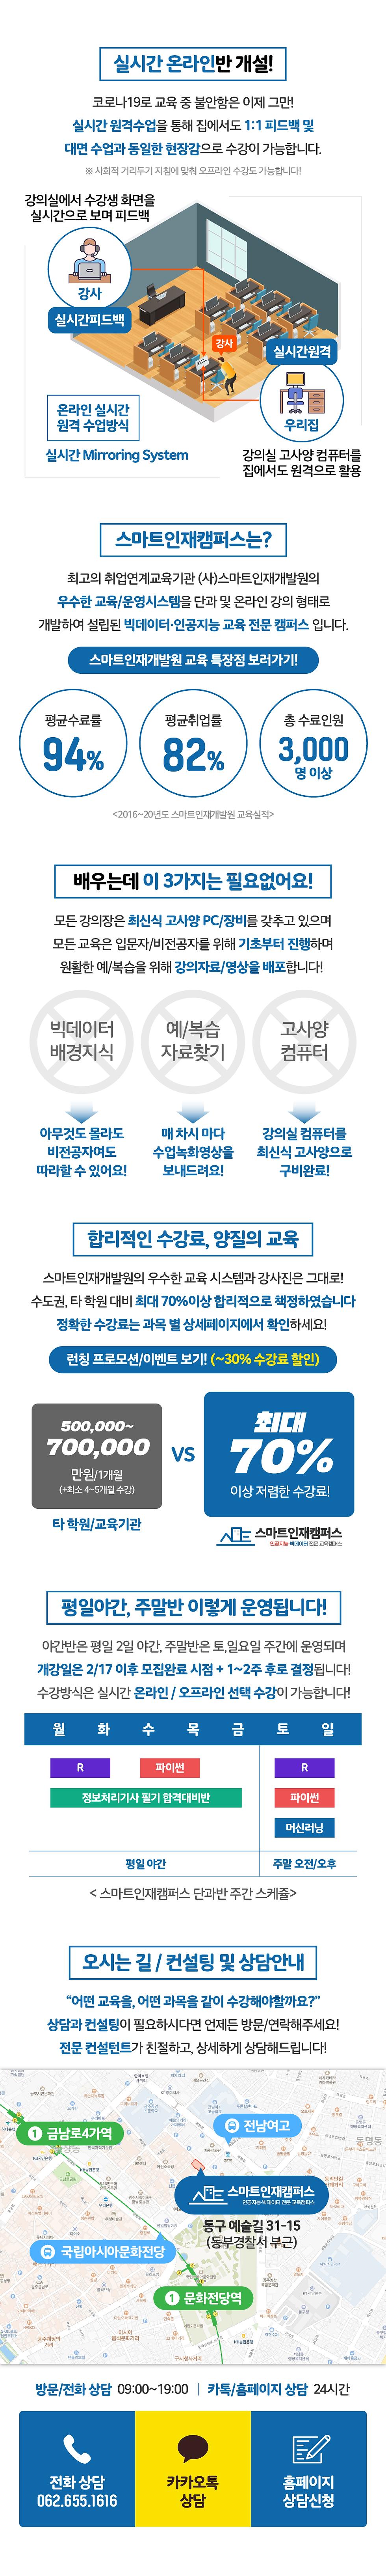 캠퍼스-홈페이지-201215-(고급,정처기~).png